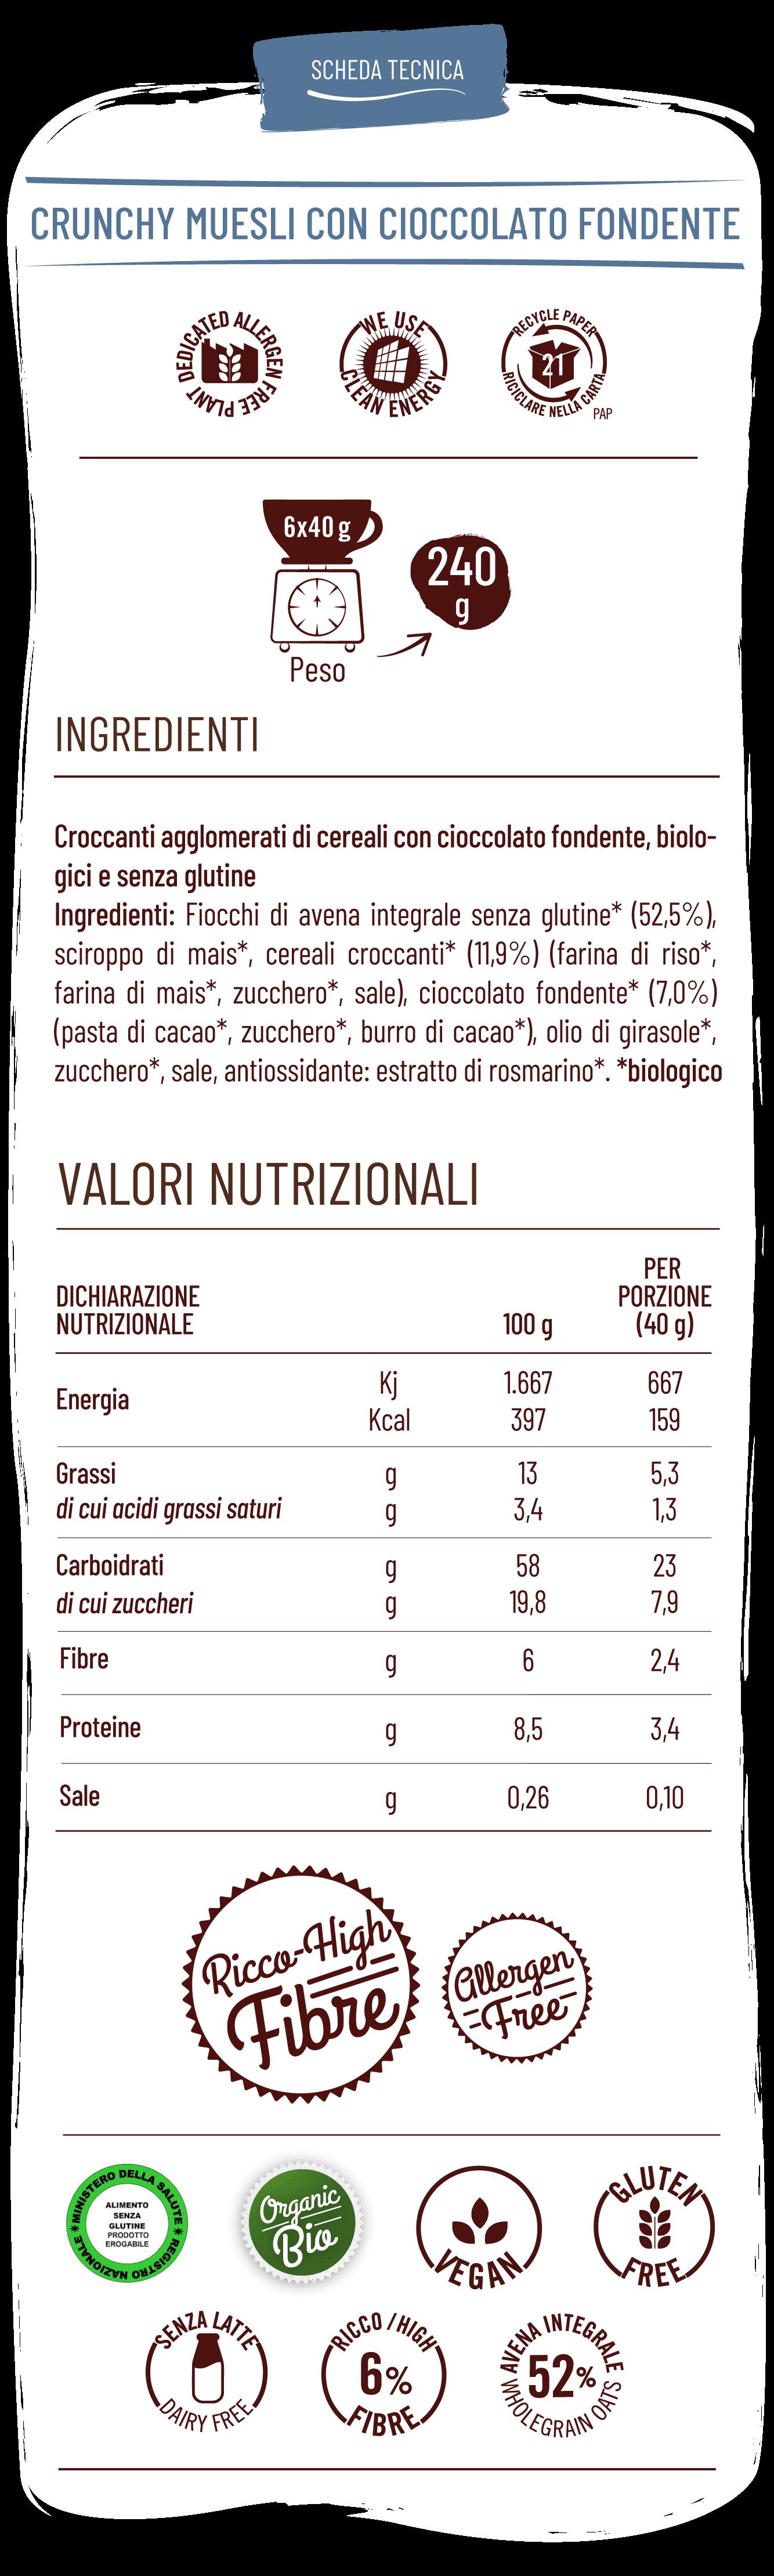 Vitabella crunchy muesli con cioccolato fondente